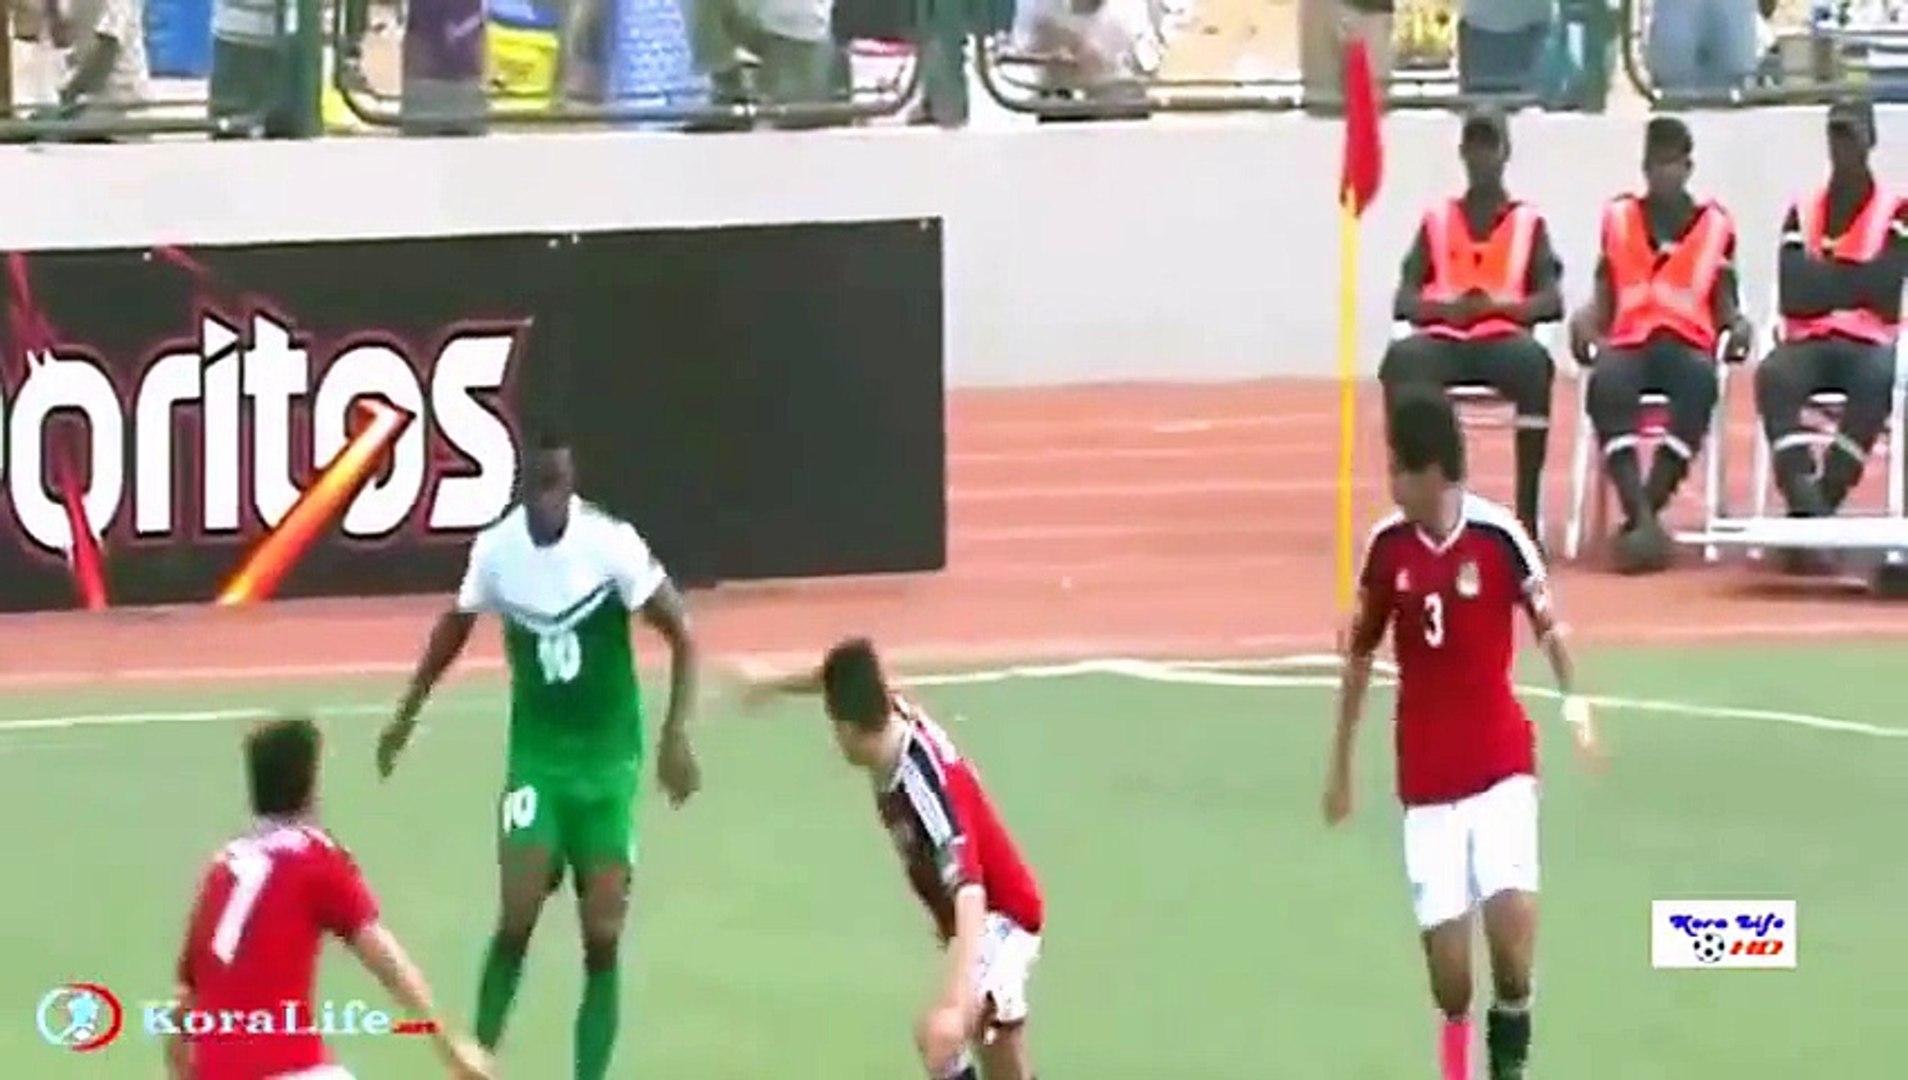 أهداف مباراة منتخب مصر الأولمبي ونيجيريا كاملة 2 2 في أمم إفريقيا تحت 23 سنة 2122015